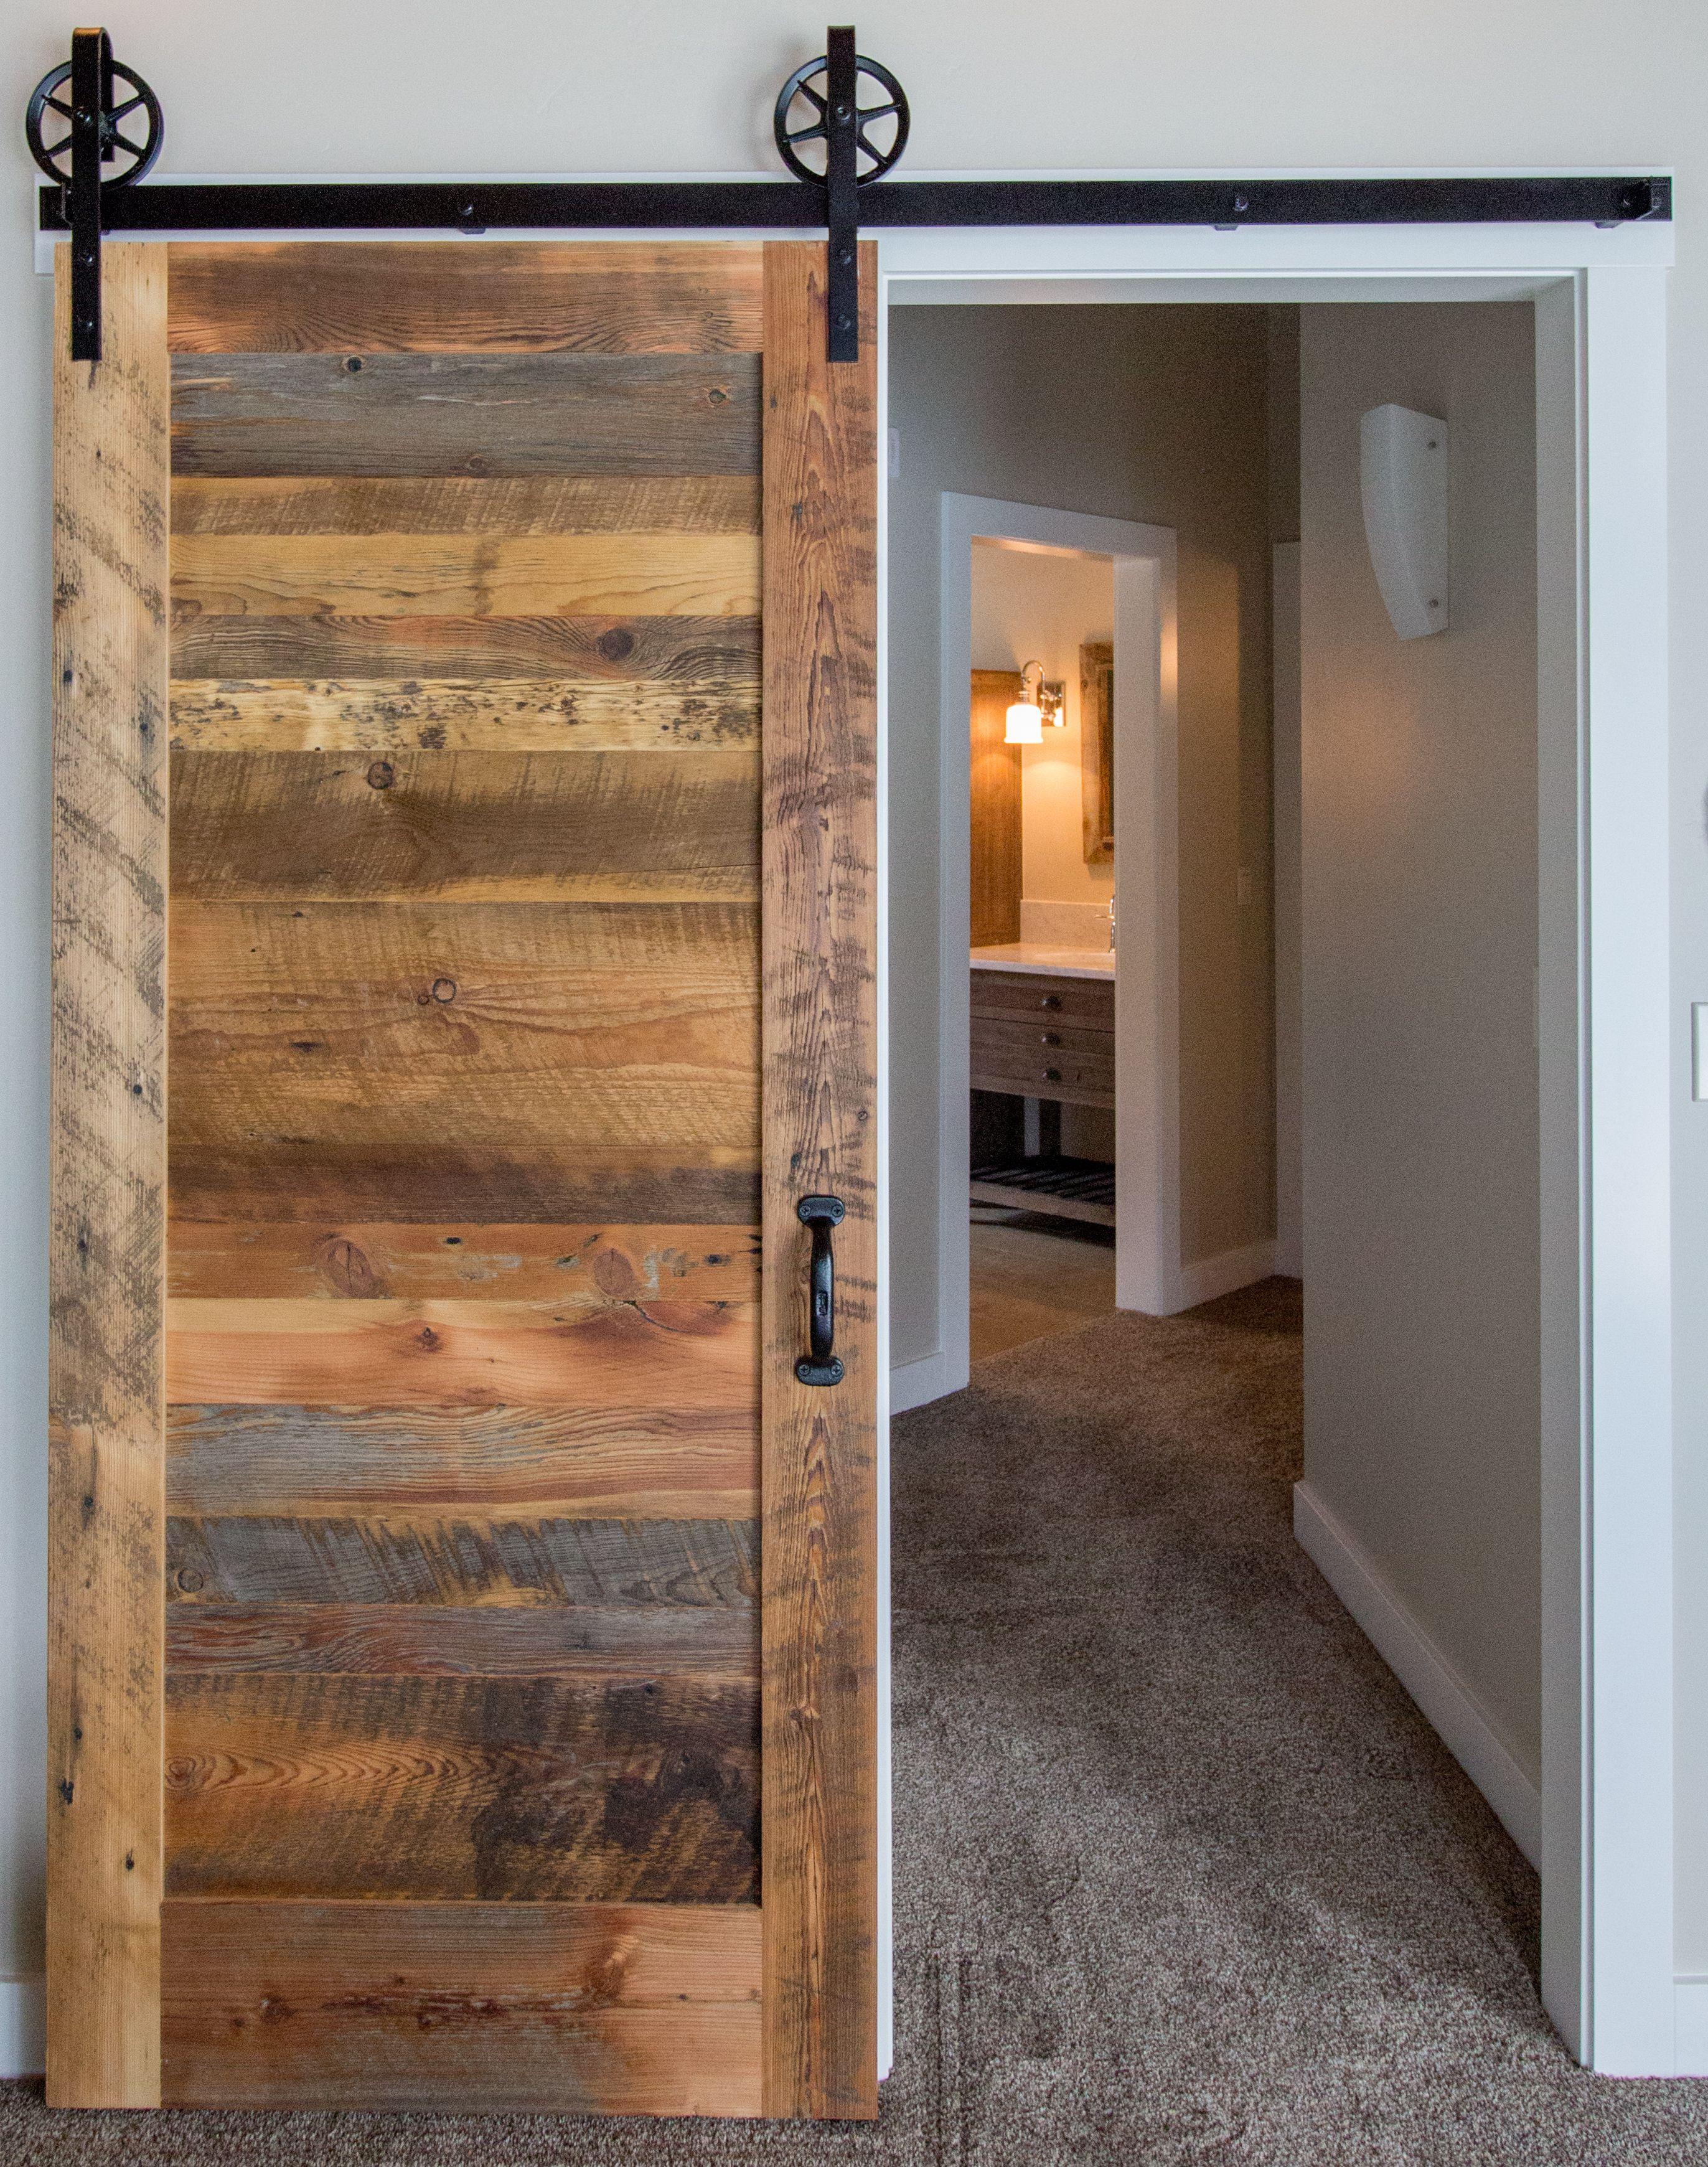 North Idaho Living, Details Matter, Barn Doors, Black